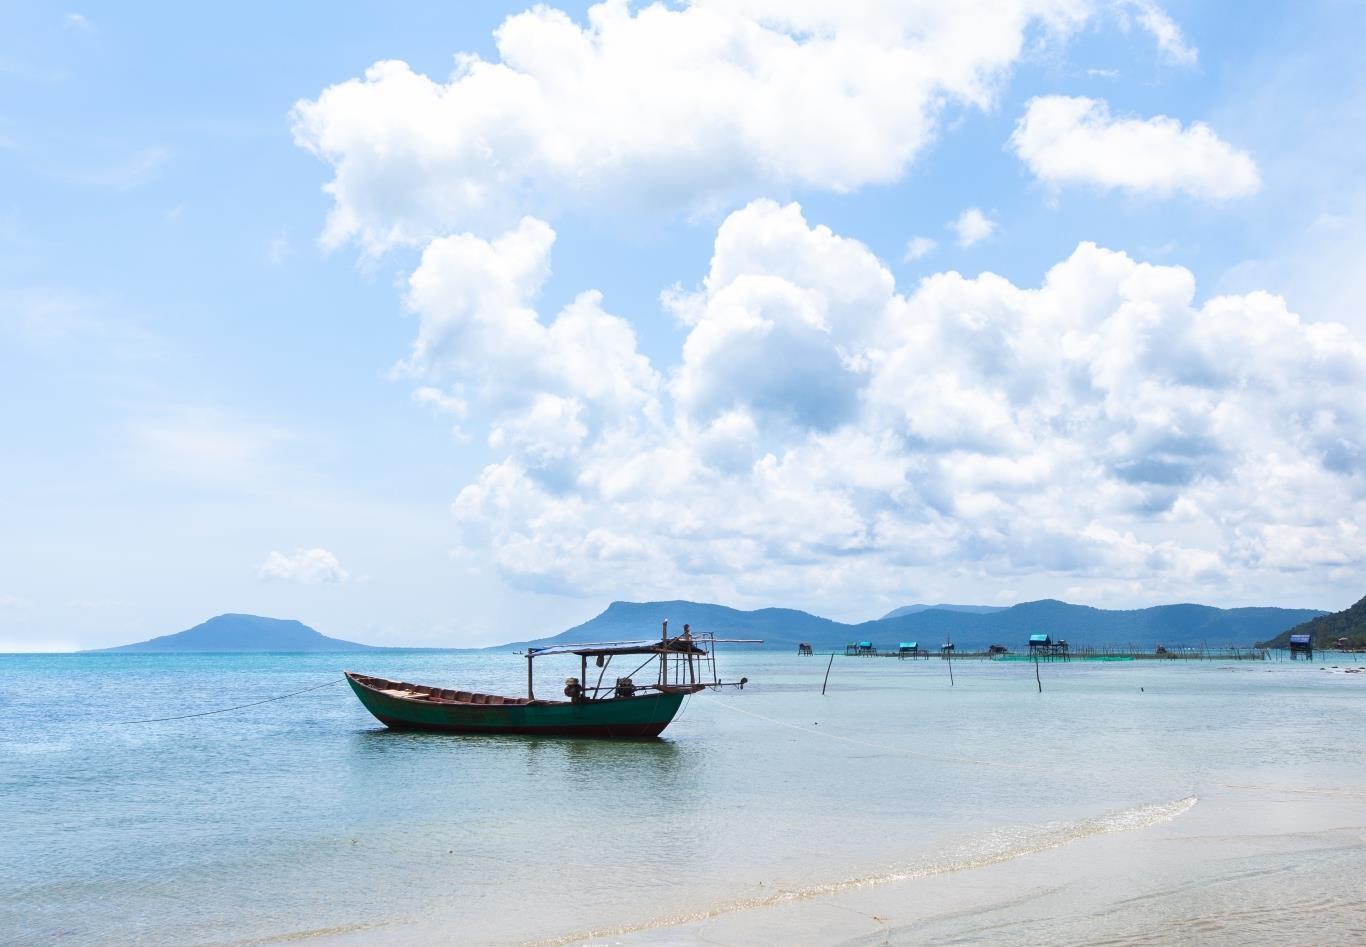 Bãi Biển Gành Dầu - Phú Quốc bãi gành dầu - Bãi-Biển-Gành-Dầu-Phú-Quốc - Bãi Gành Dầu – nơi địa đầu của đảo ngọc Phú Quốc